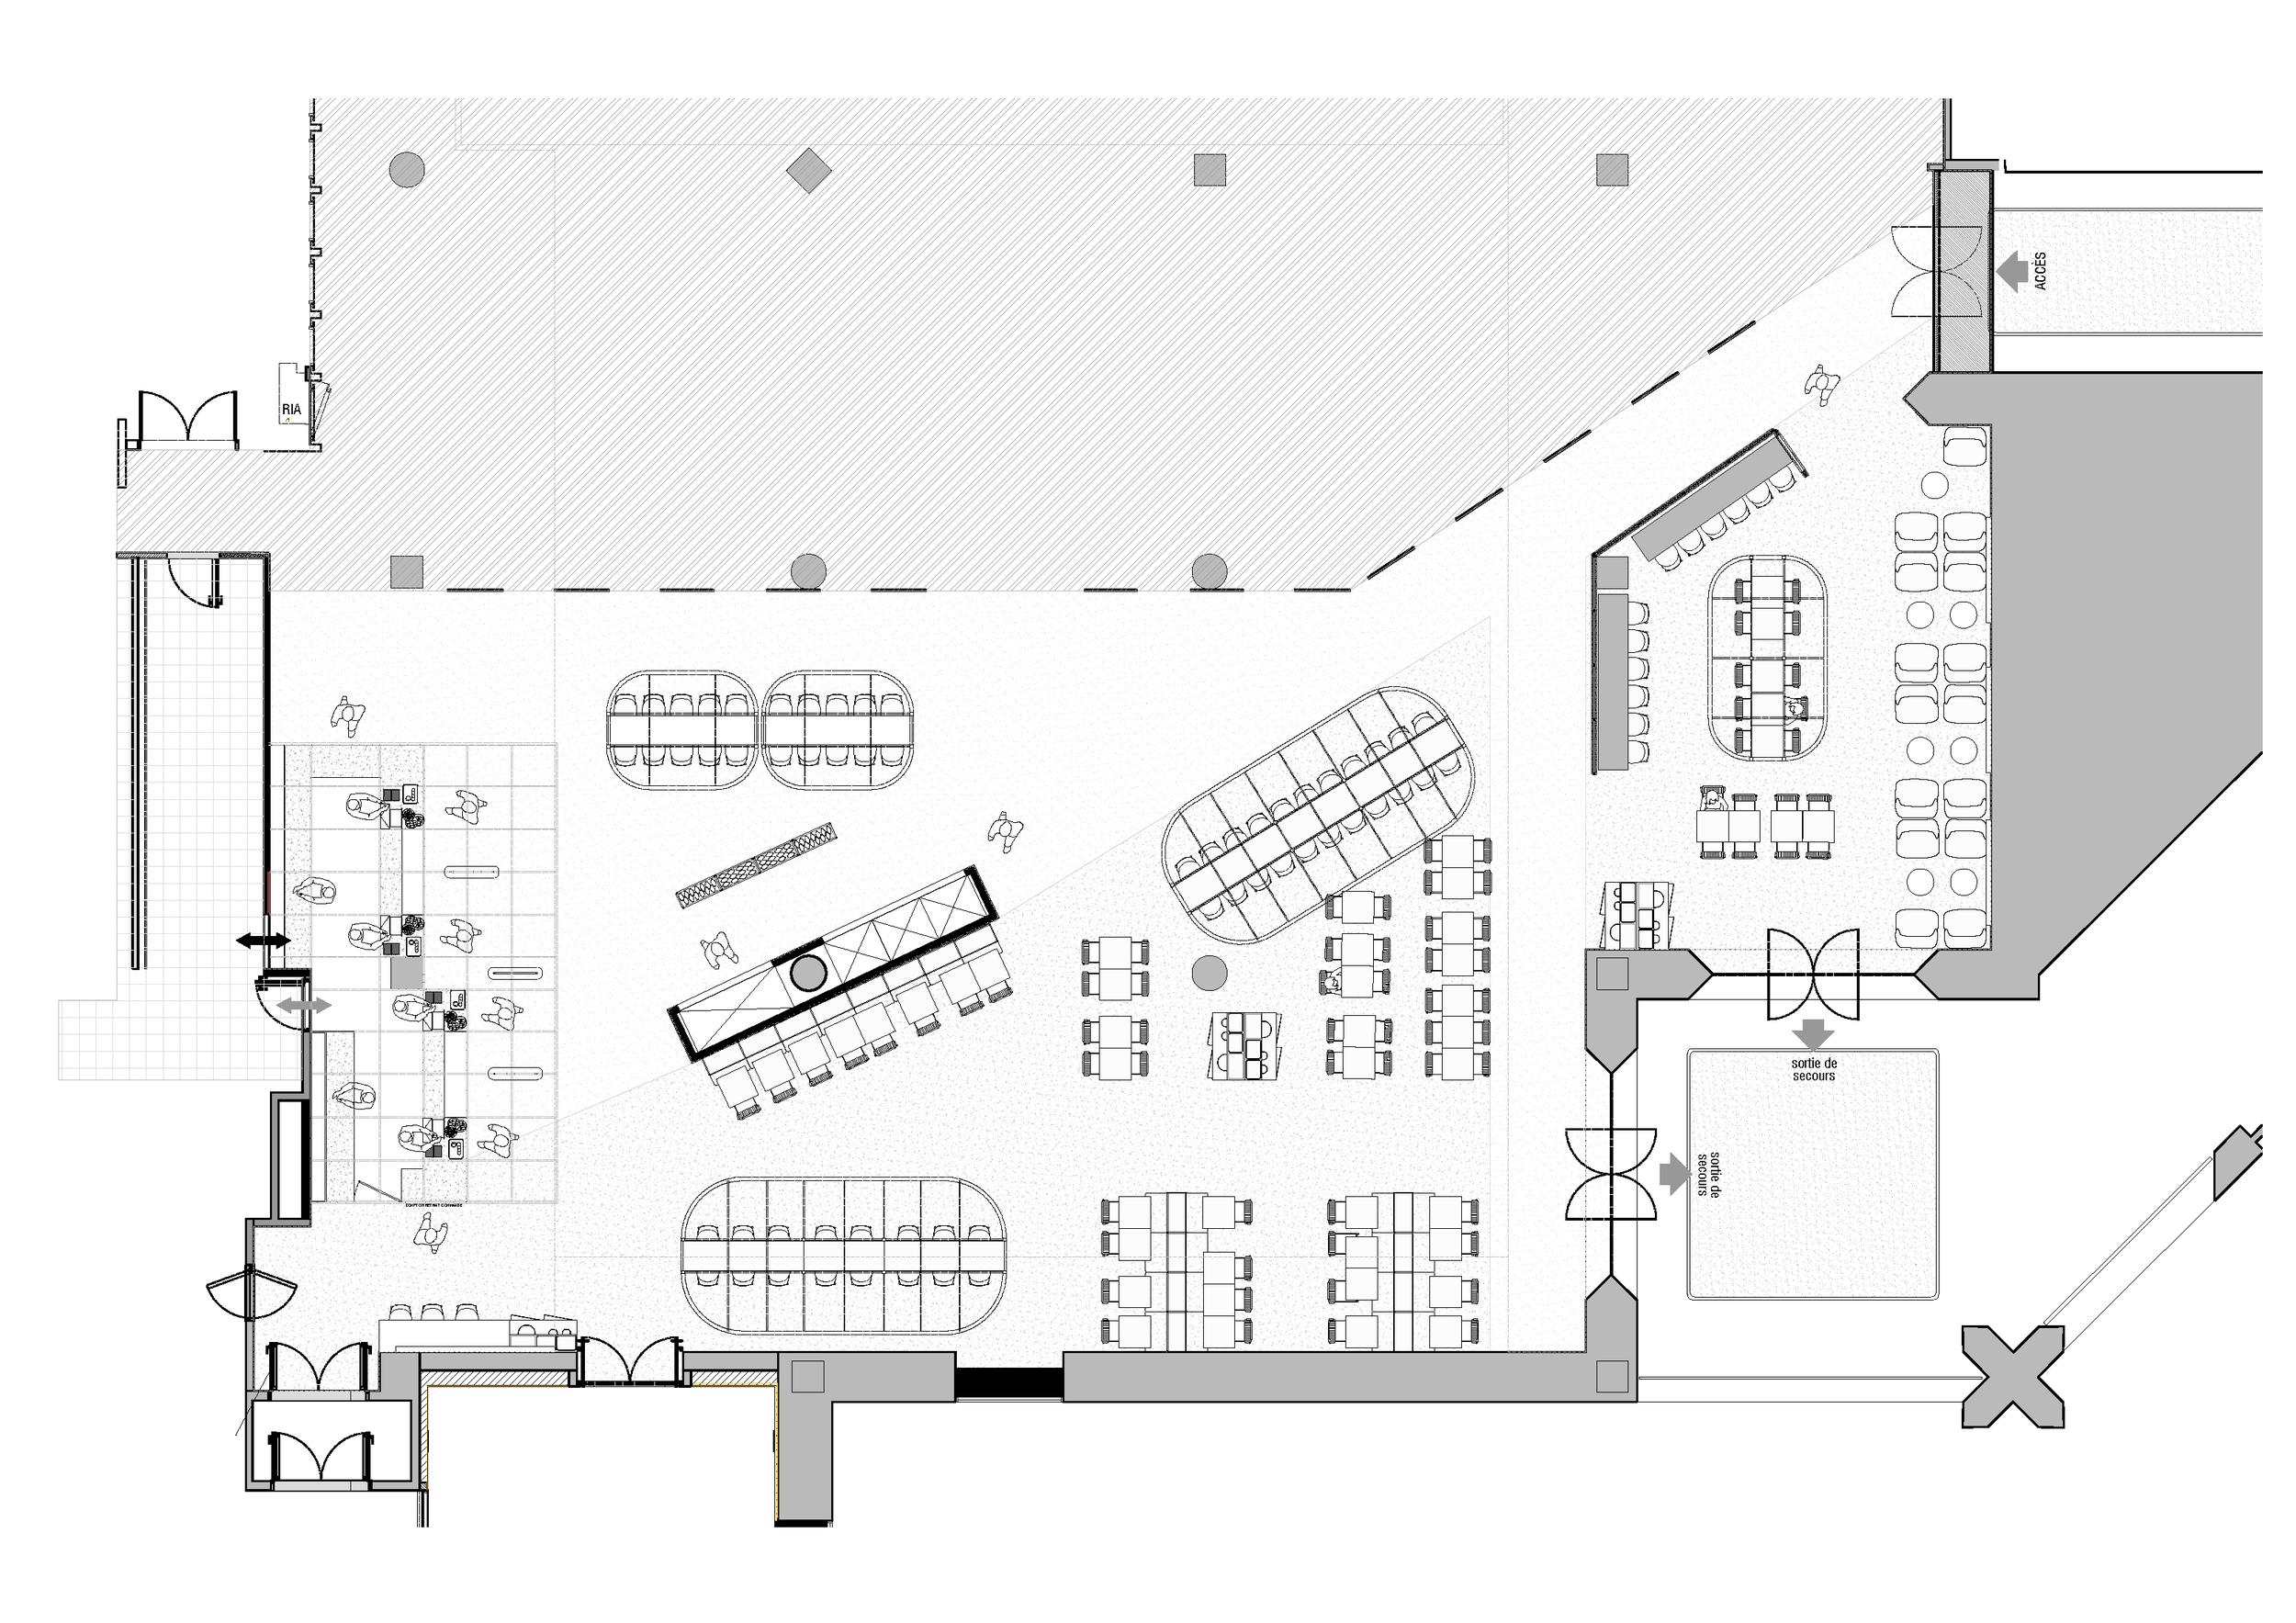 143 - LOUVRE - PUBLICATIONS-A3 paysage - Plan 1-100.png